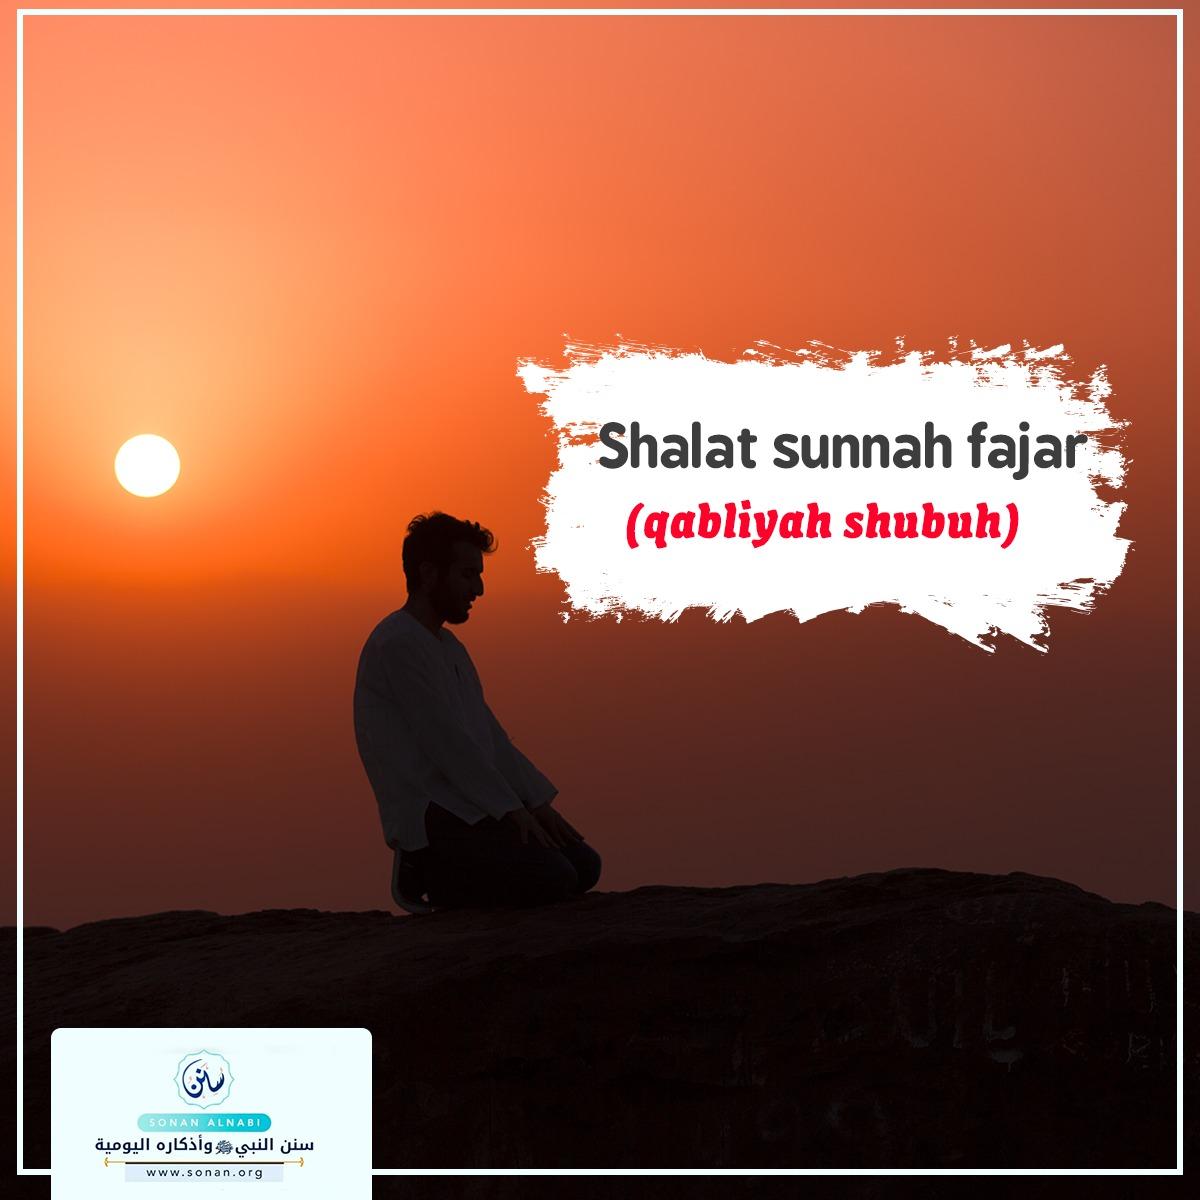 Shalat sunnah fajar (qabliyah shubuh). Berikut ini adalah sunnah- sunnah yang terdapat pada shalat sunnah fajar